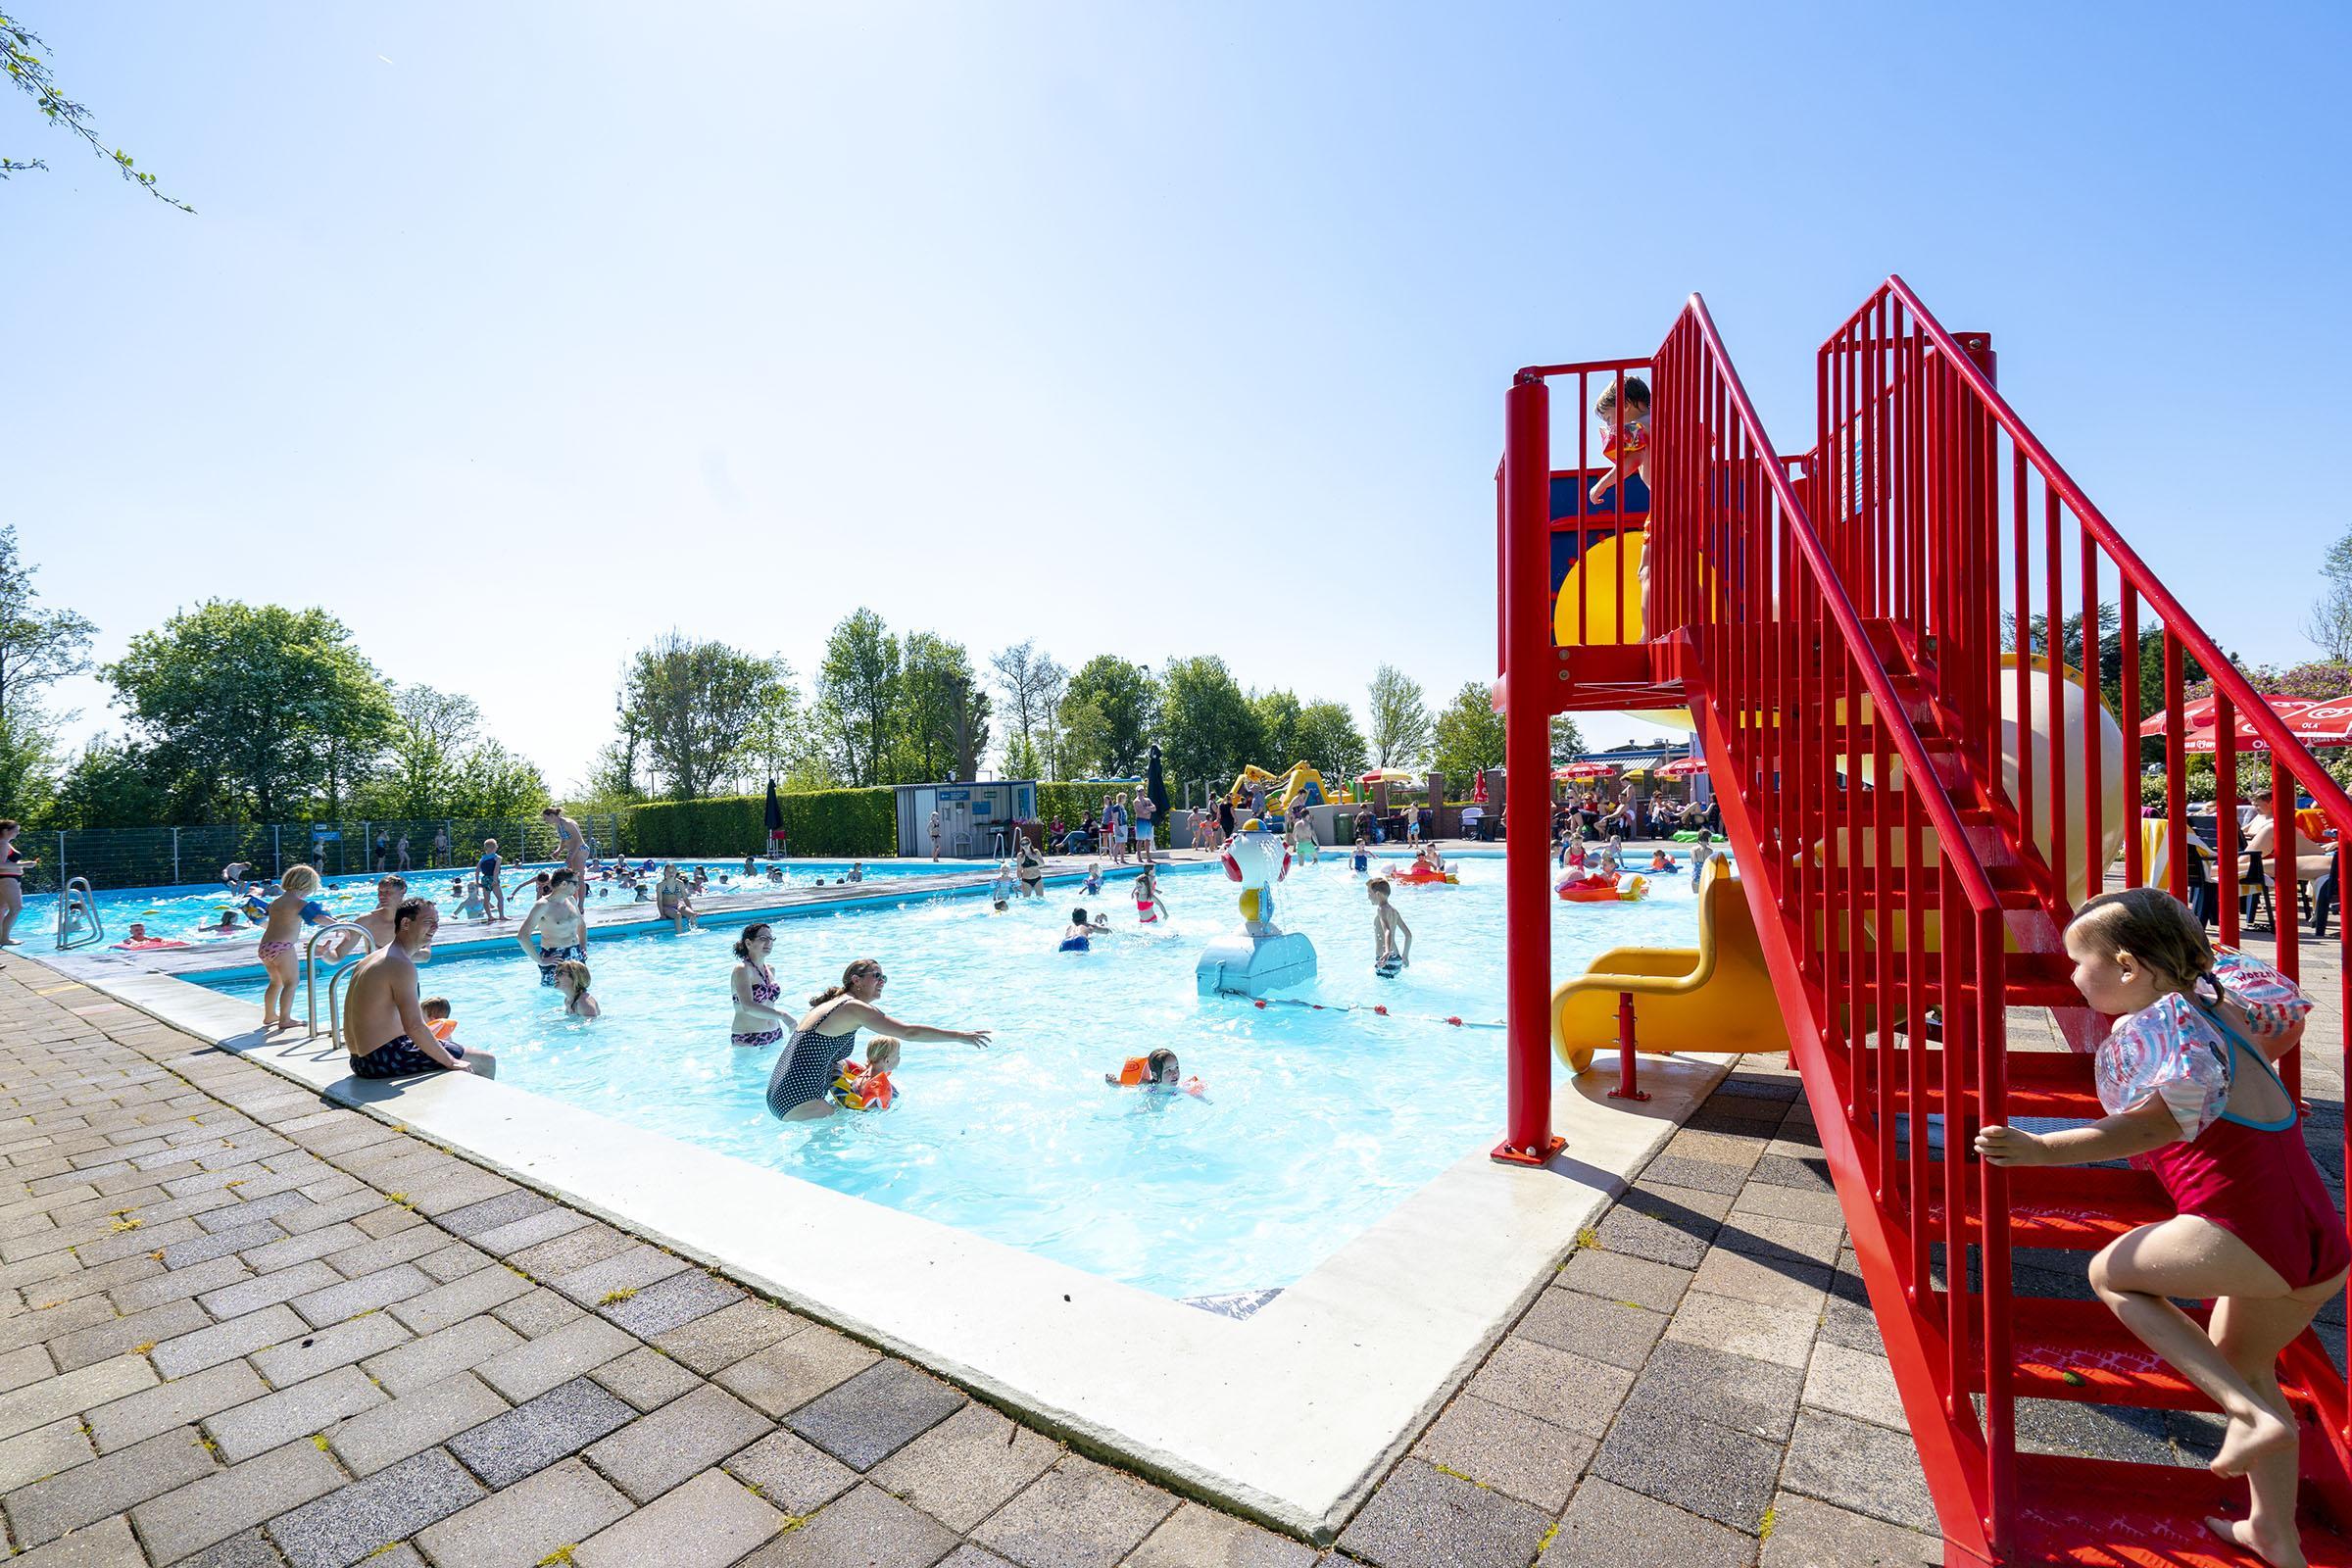 Buitenzwembaden in Leidse regio worstelen met 'helse dilemma's'